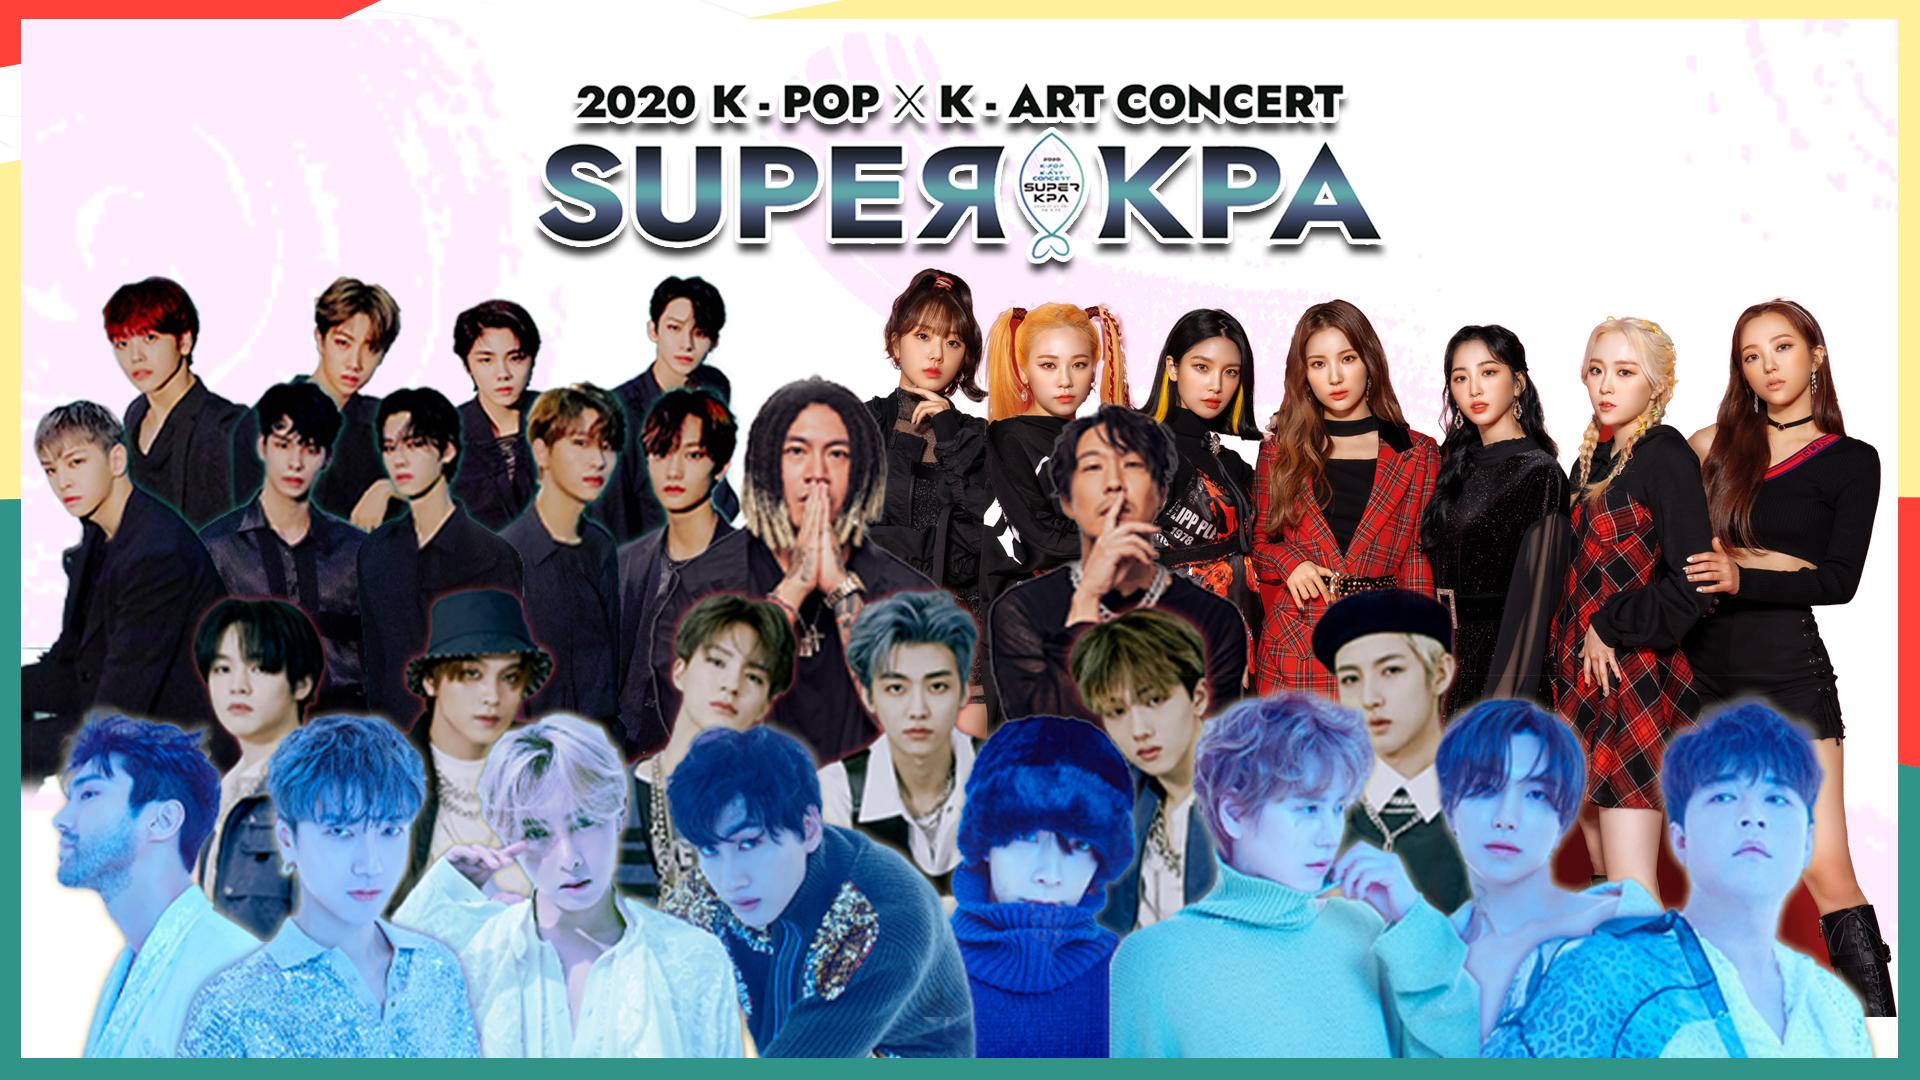 [비욘드 라이브-2020 K-POP x K-ART 콘서트 SUPER KPA]